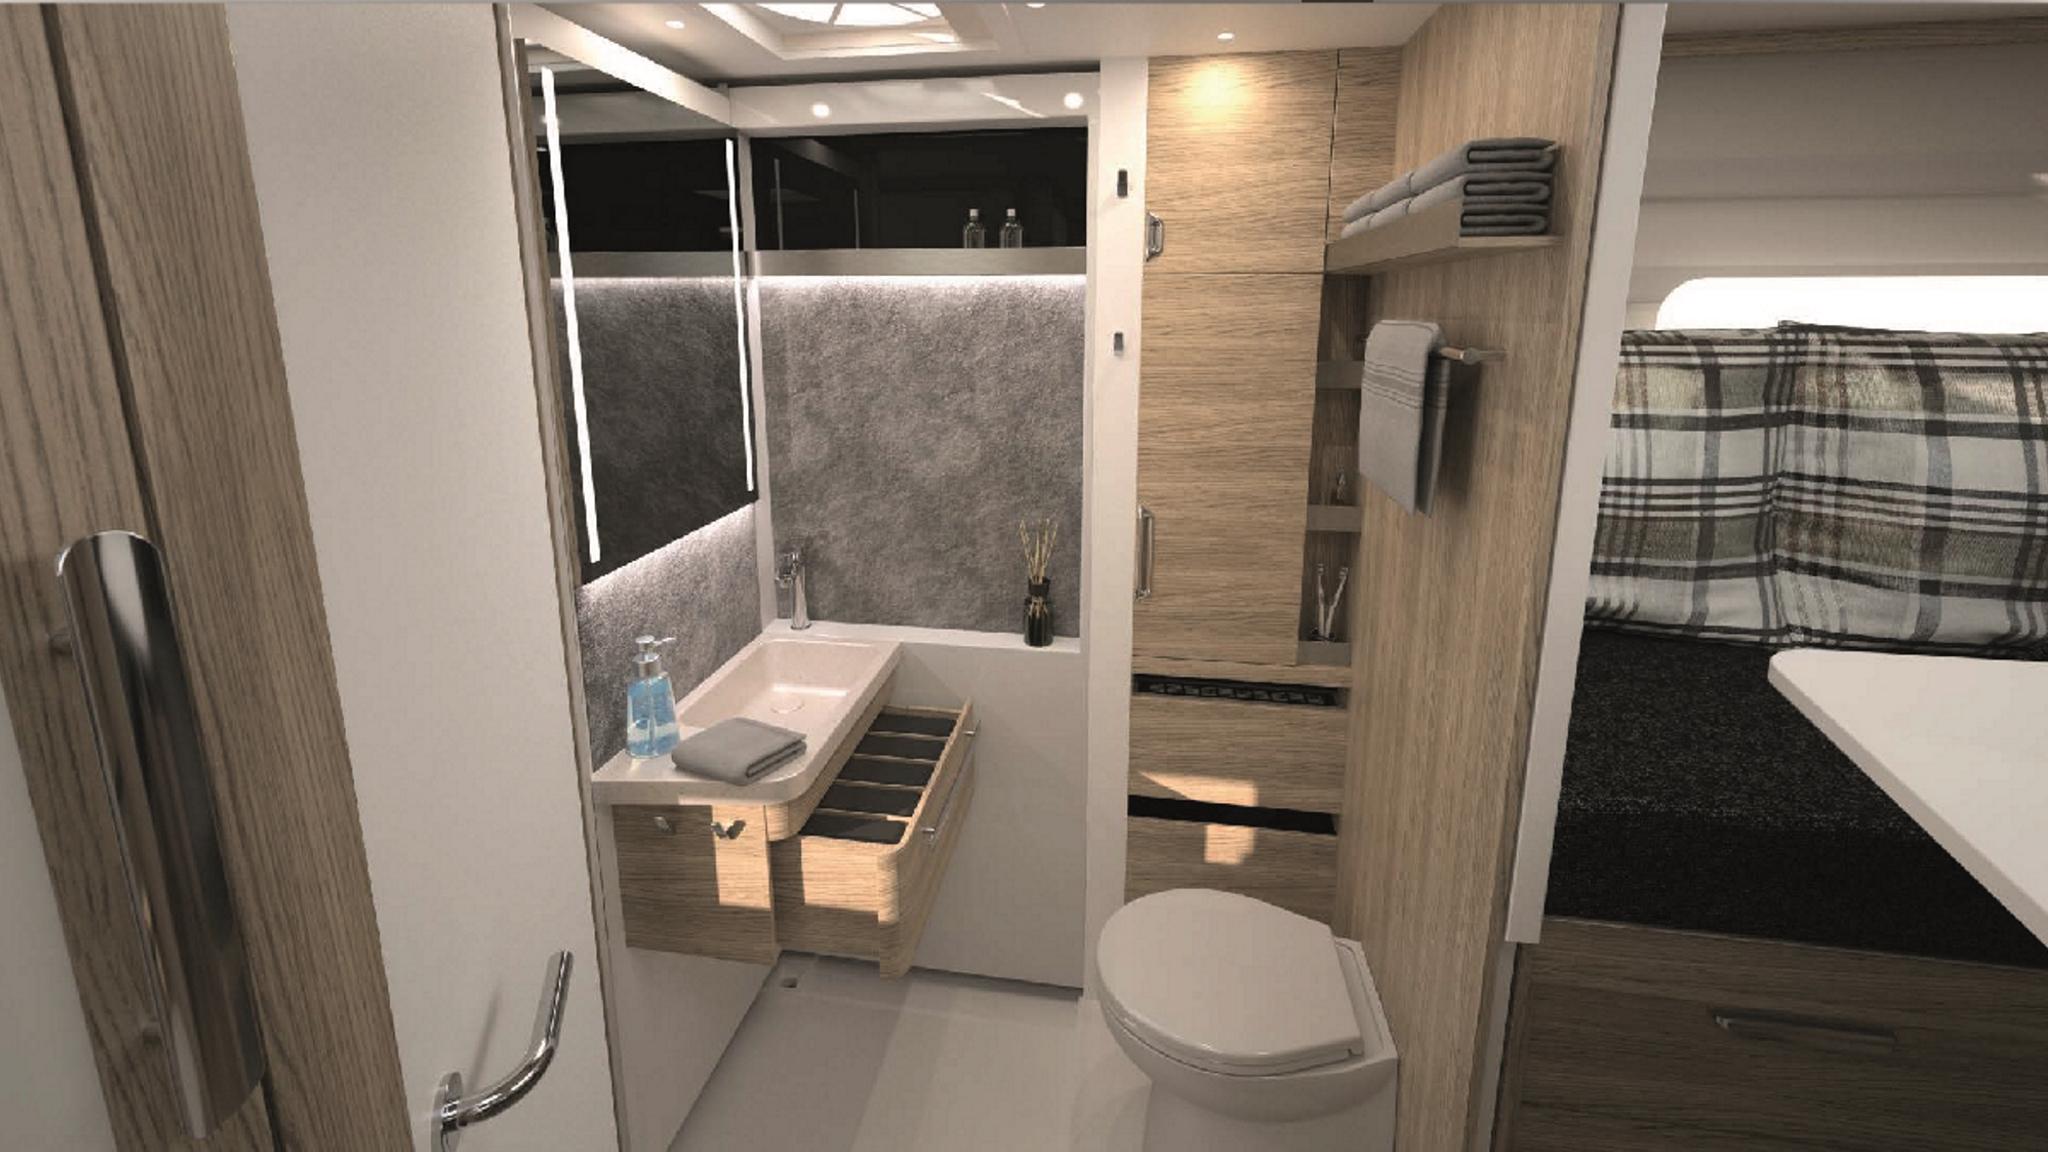 NIESMANN+BISCHOFF - Flair - Ein Flair und eine Weltpremiere Ein Kompaktbad der anderen Klasse mit verschiebbarer Wand